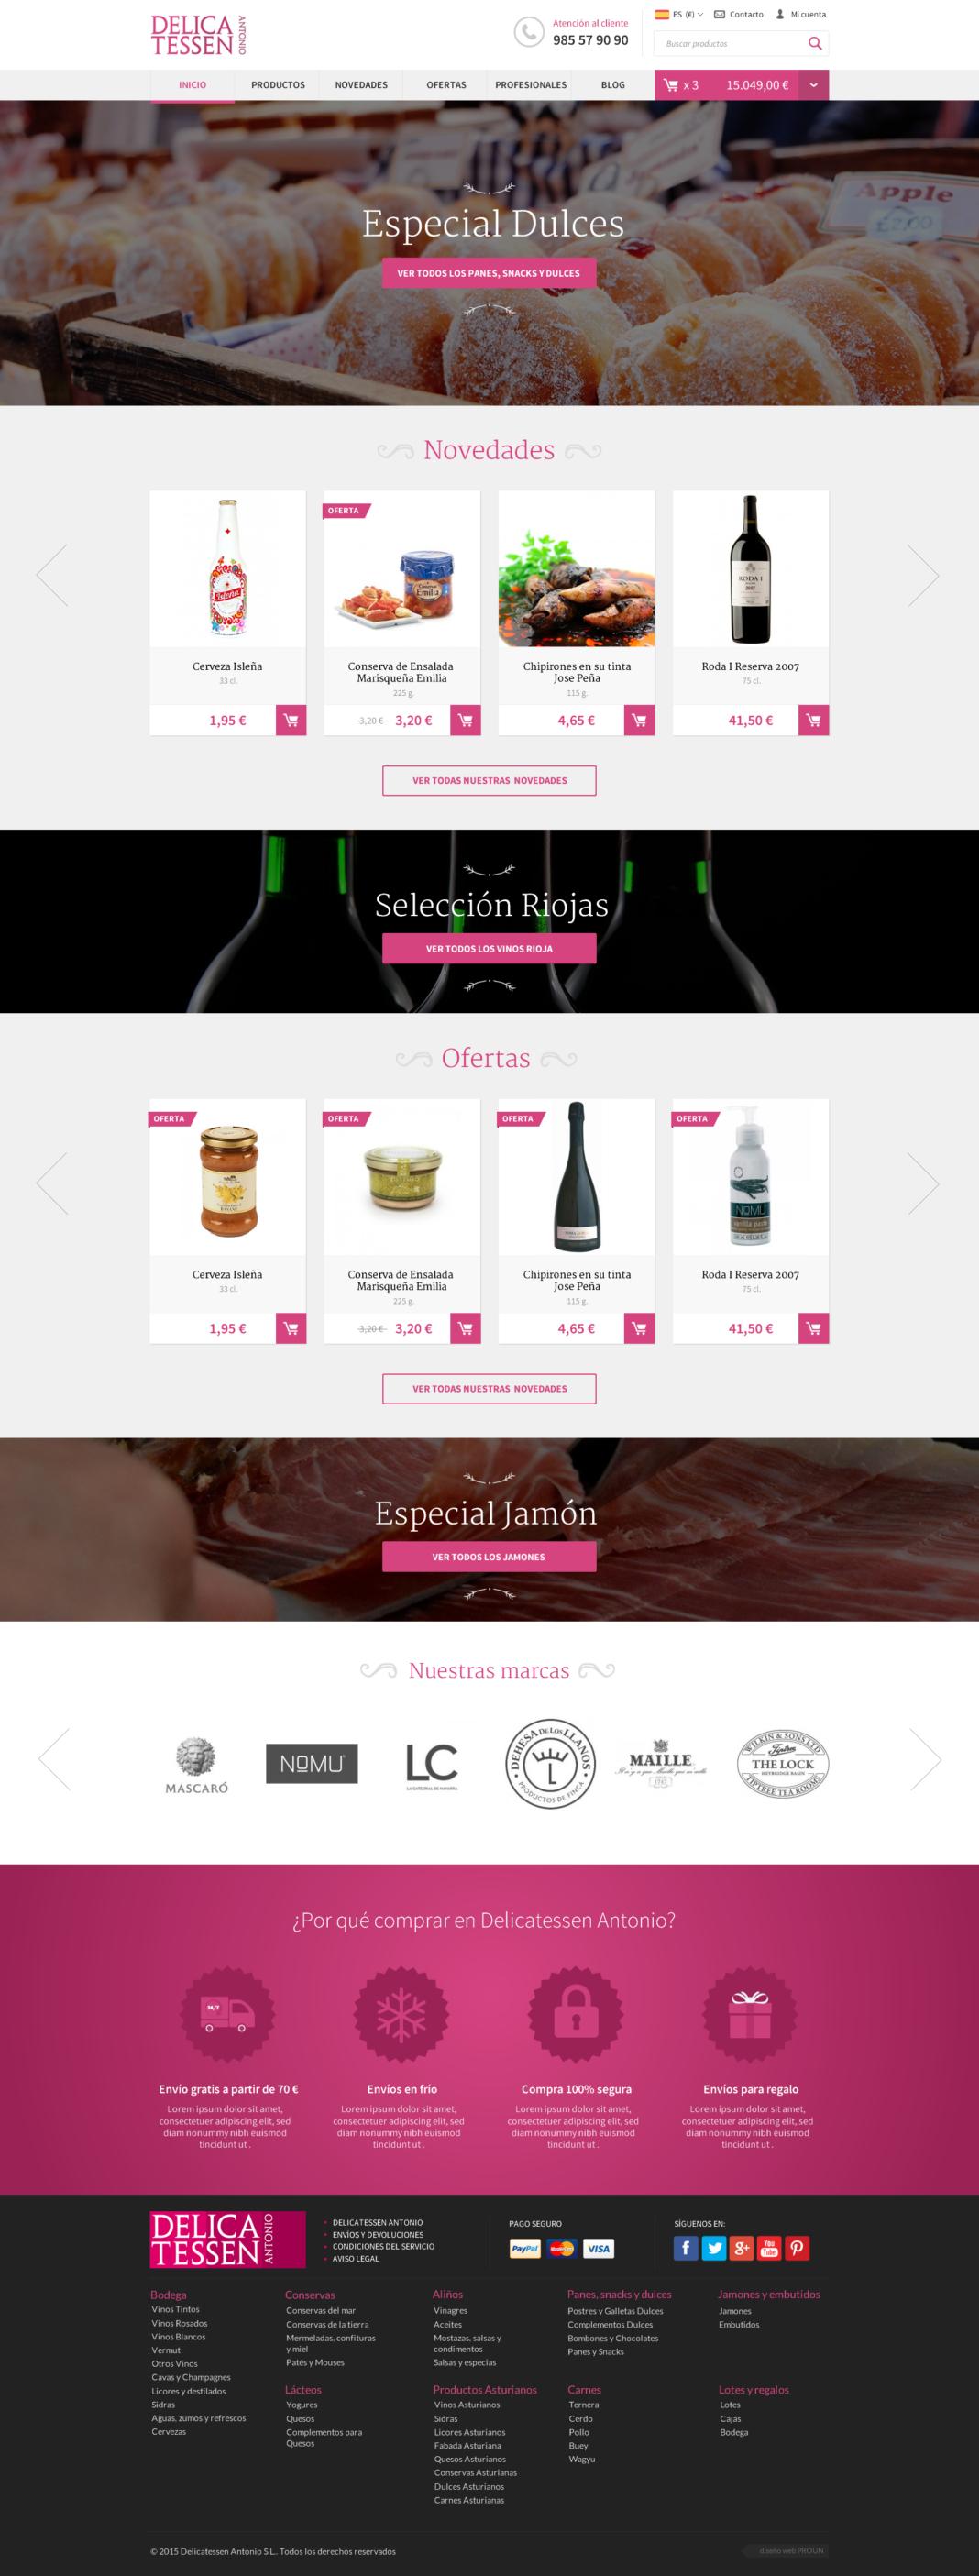 Diseño web Delicatessen Antonio